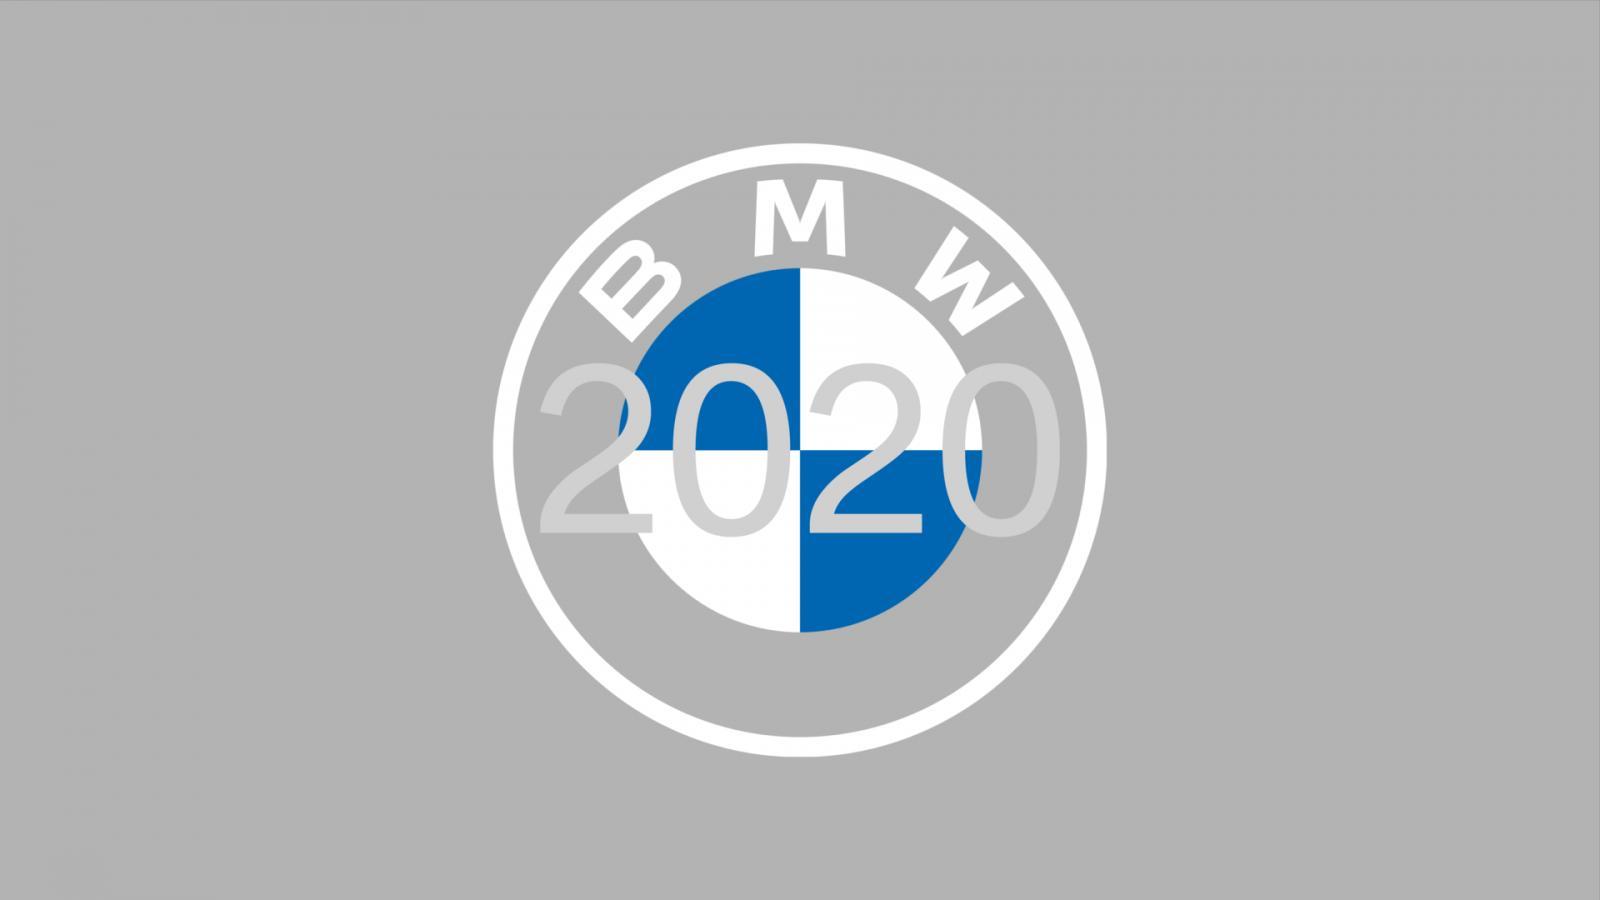 logo de BMW 2020